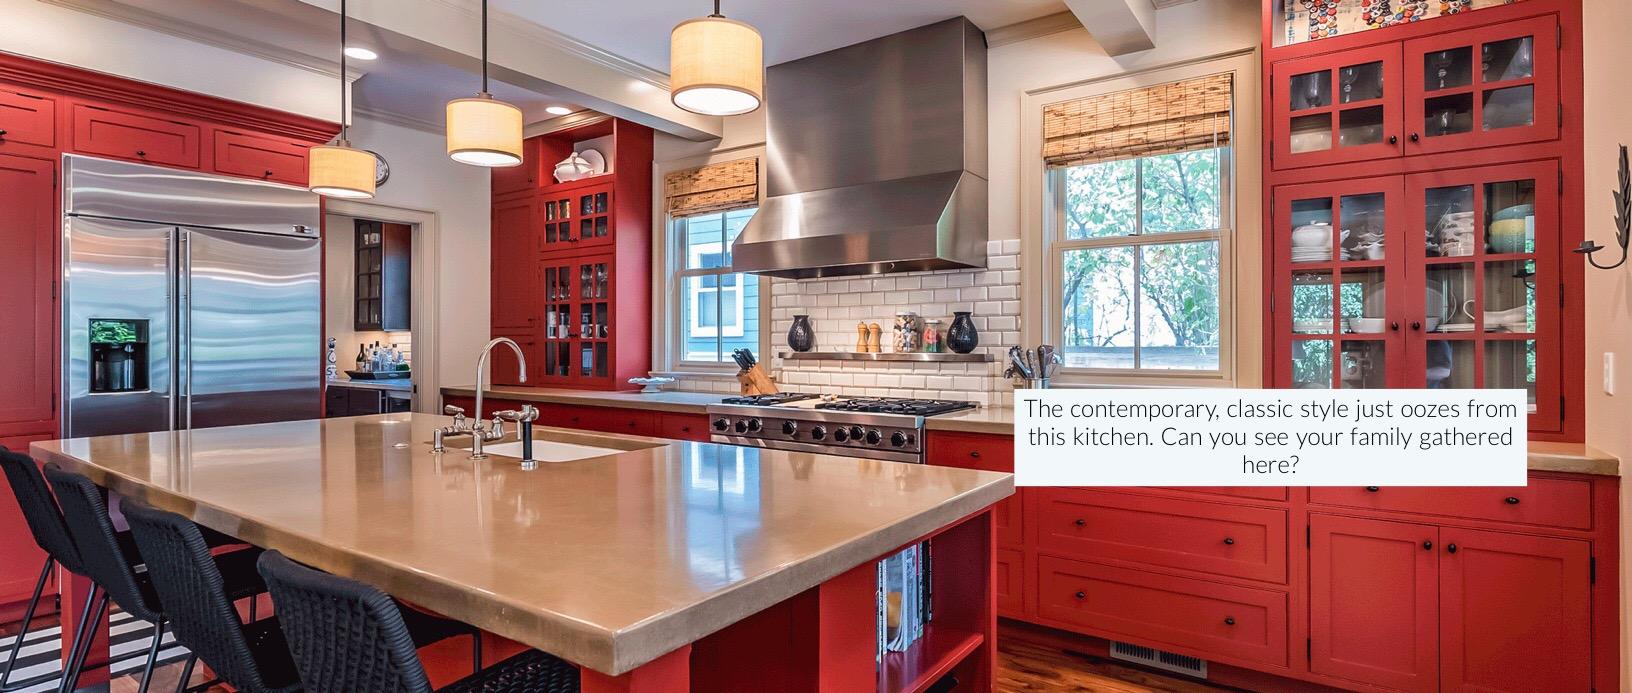 slide three – red kitchen